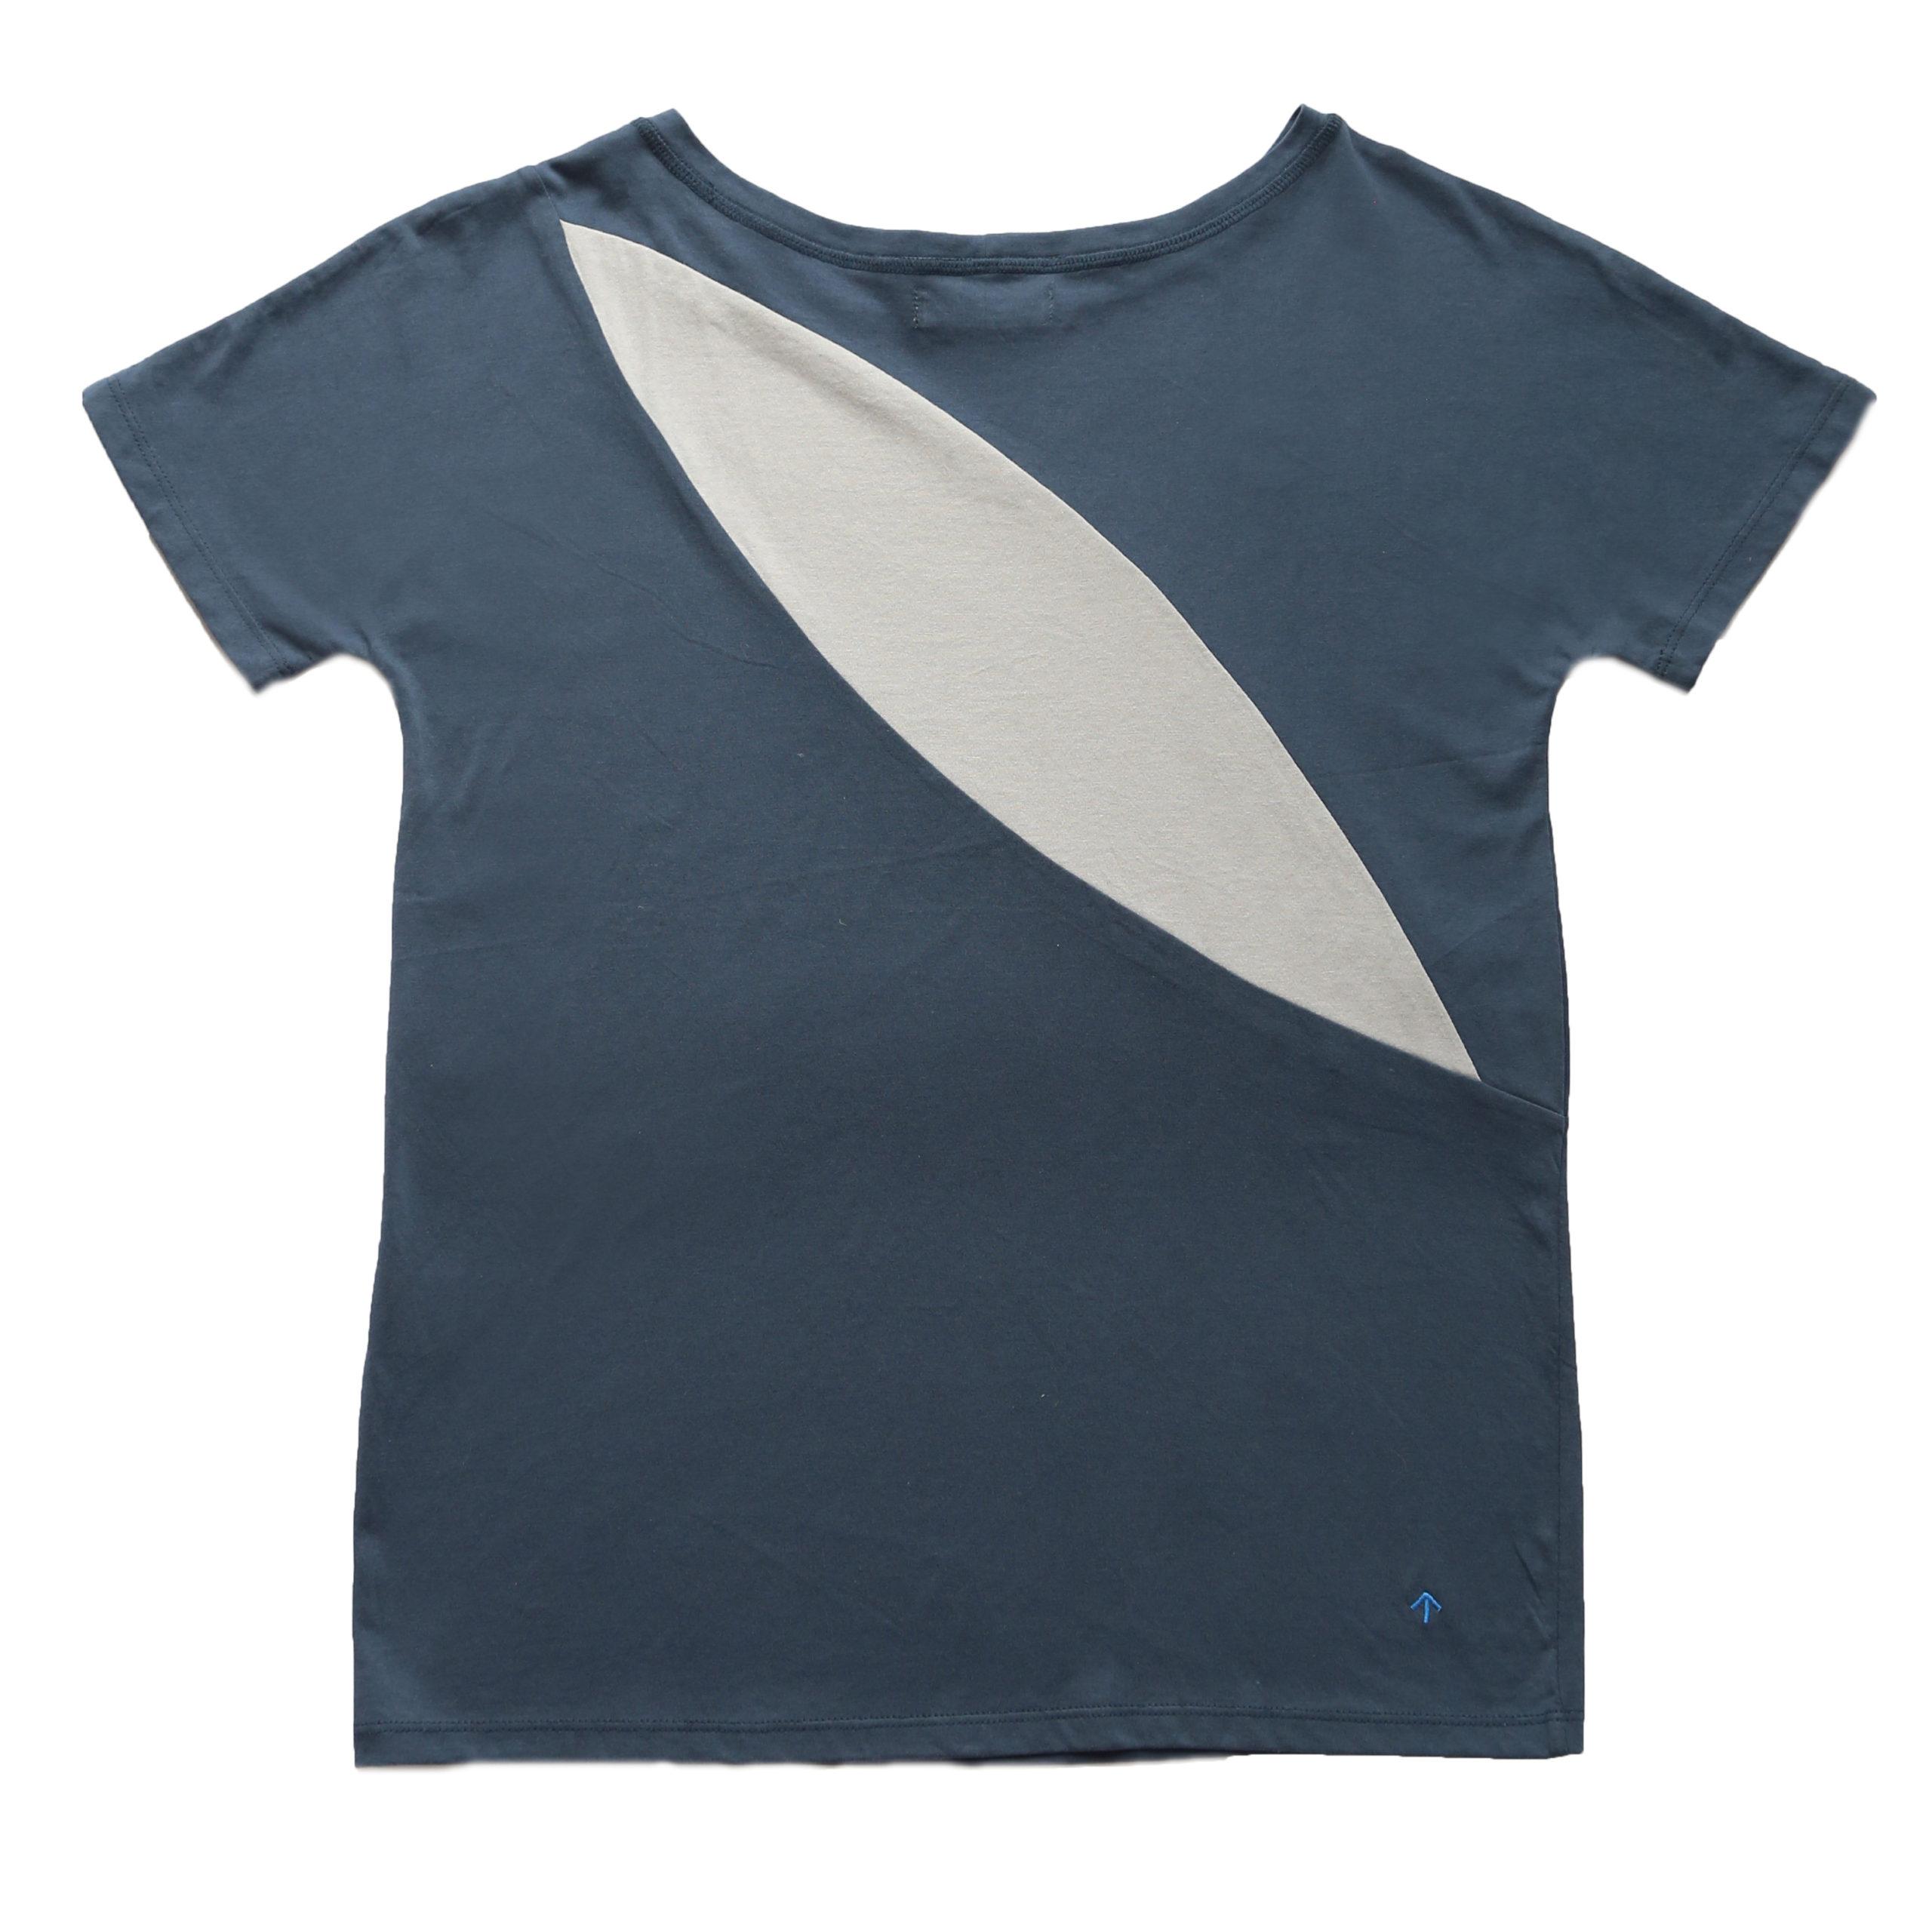 Lühikese varrukaga naiste t-särk